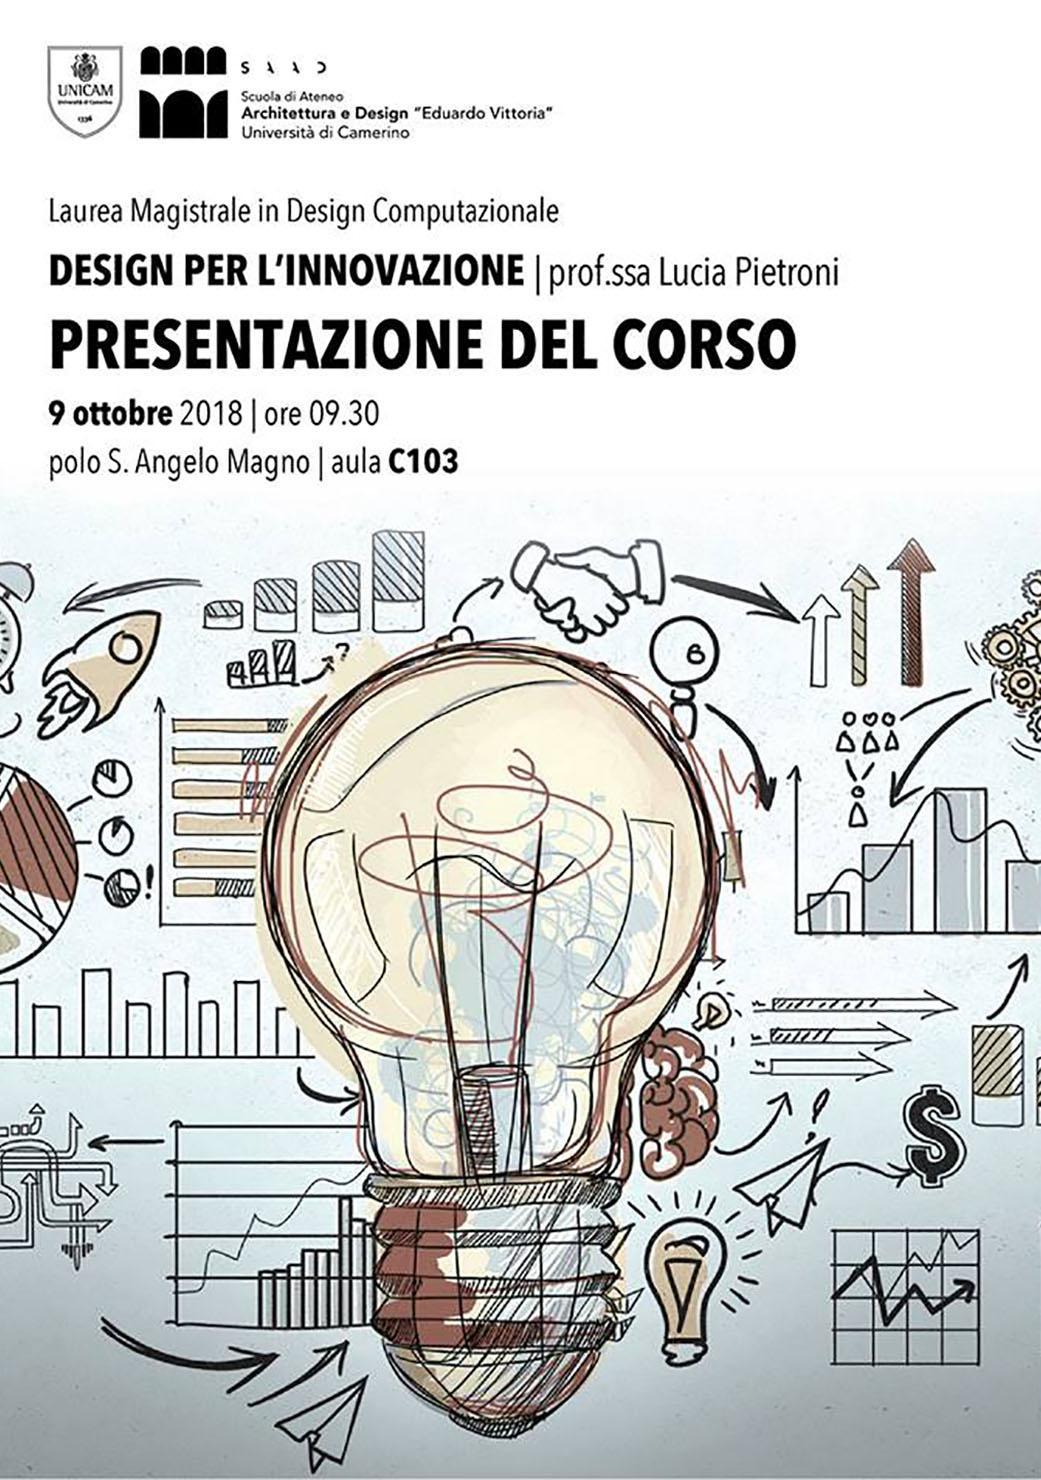 design per l'innovazione